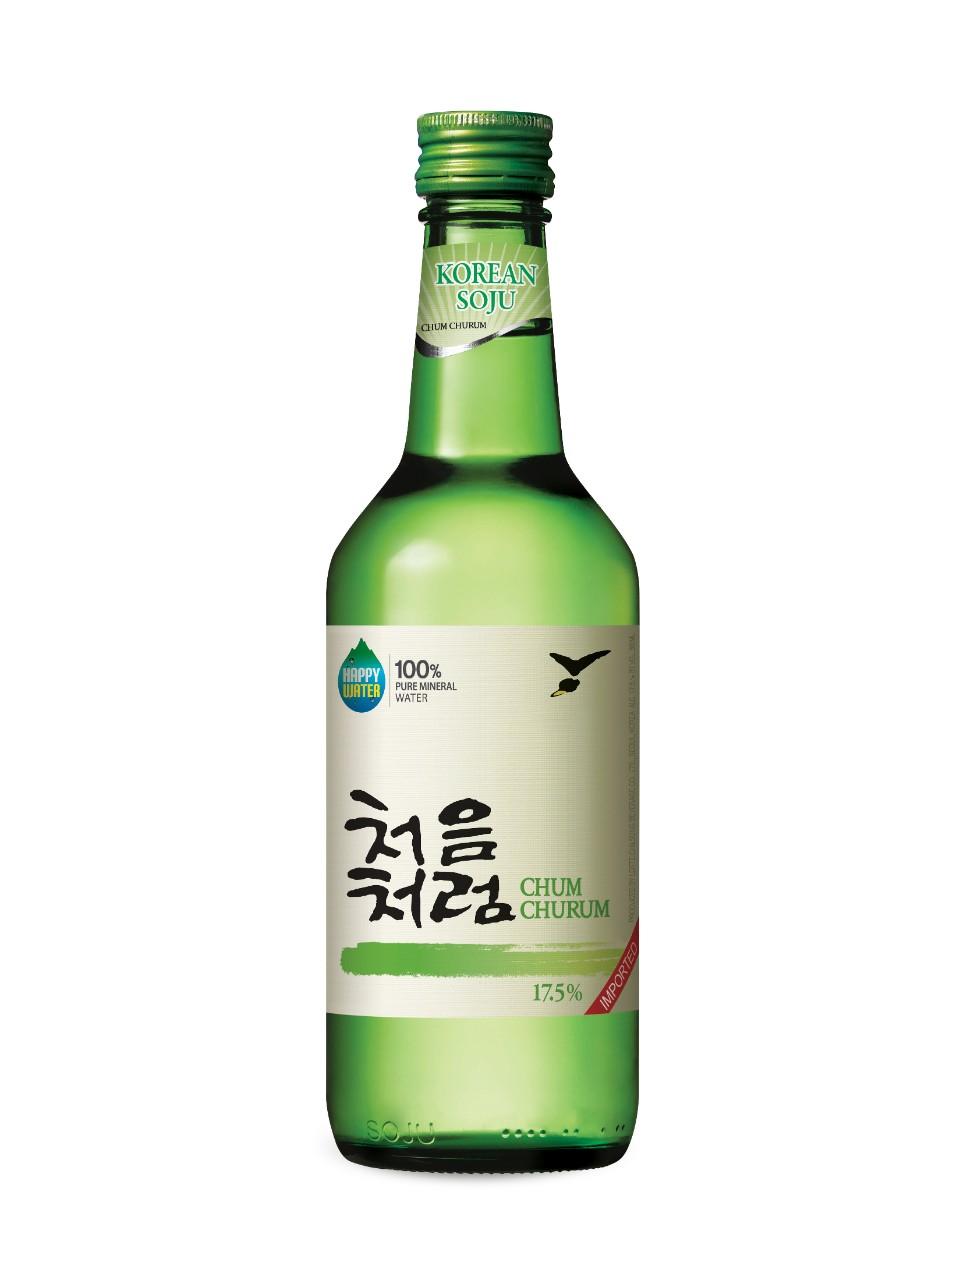 3. soju 相信這個大家都很熟悉,就是燒酒。